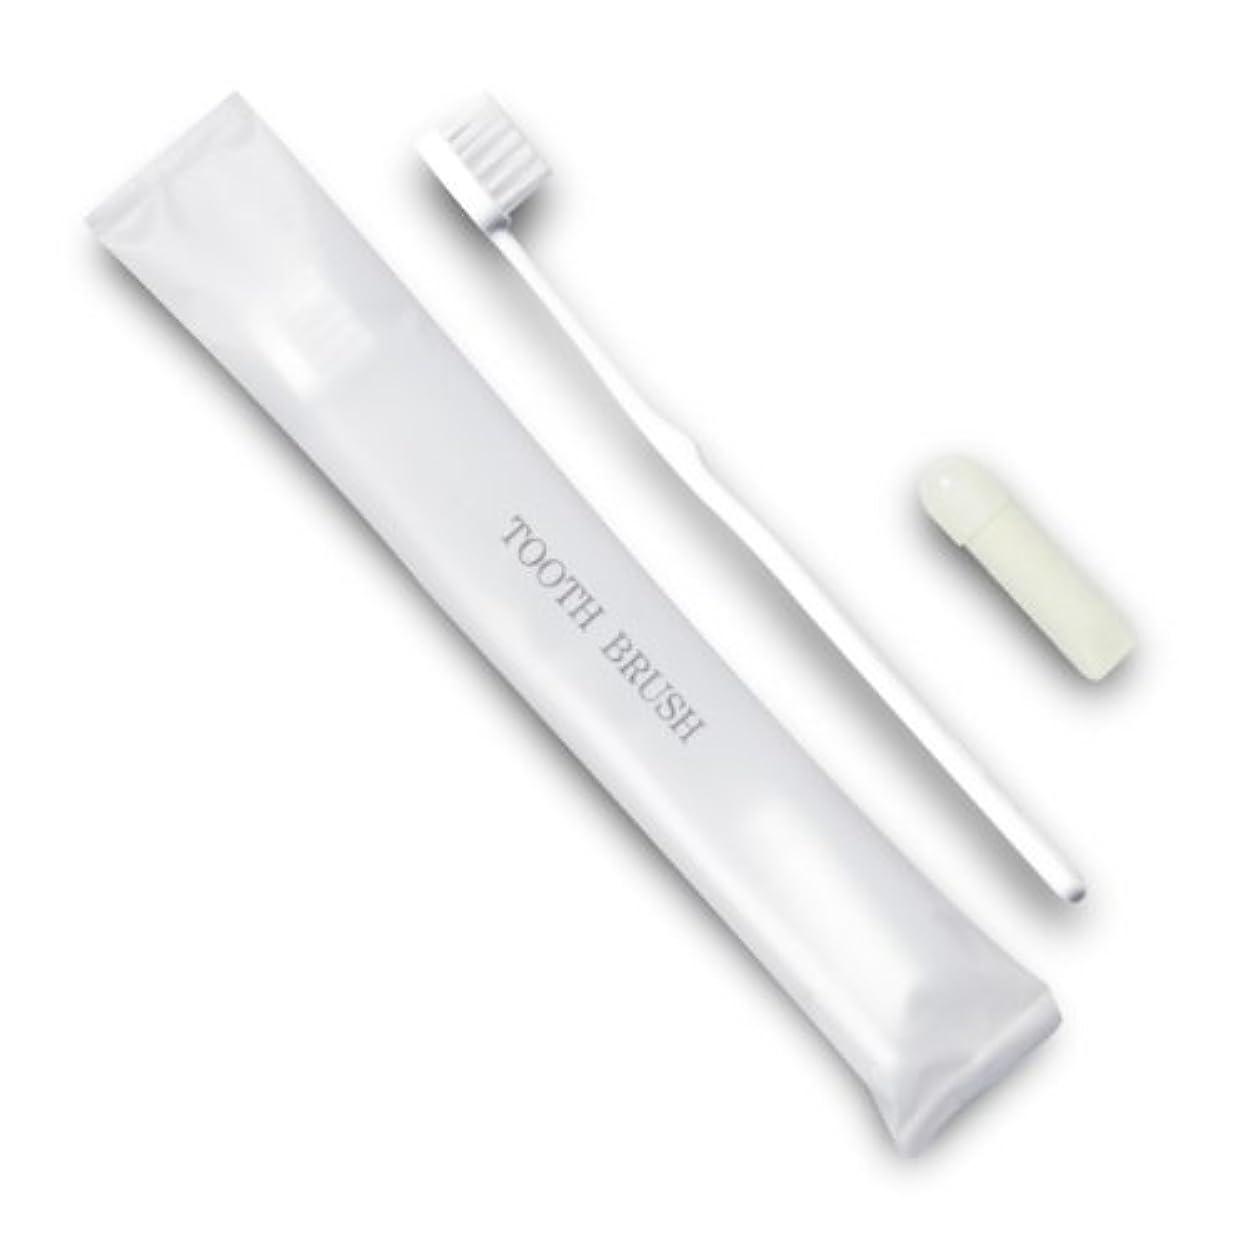 語クレジット追跡ホテル業務用歯ブラシ21穴(白)3gチューブ マット袋FタイプDX 1400本